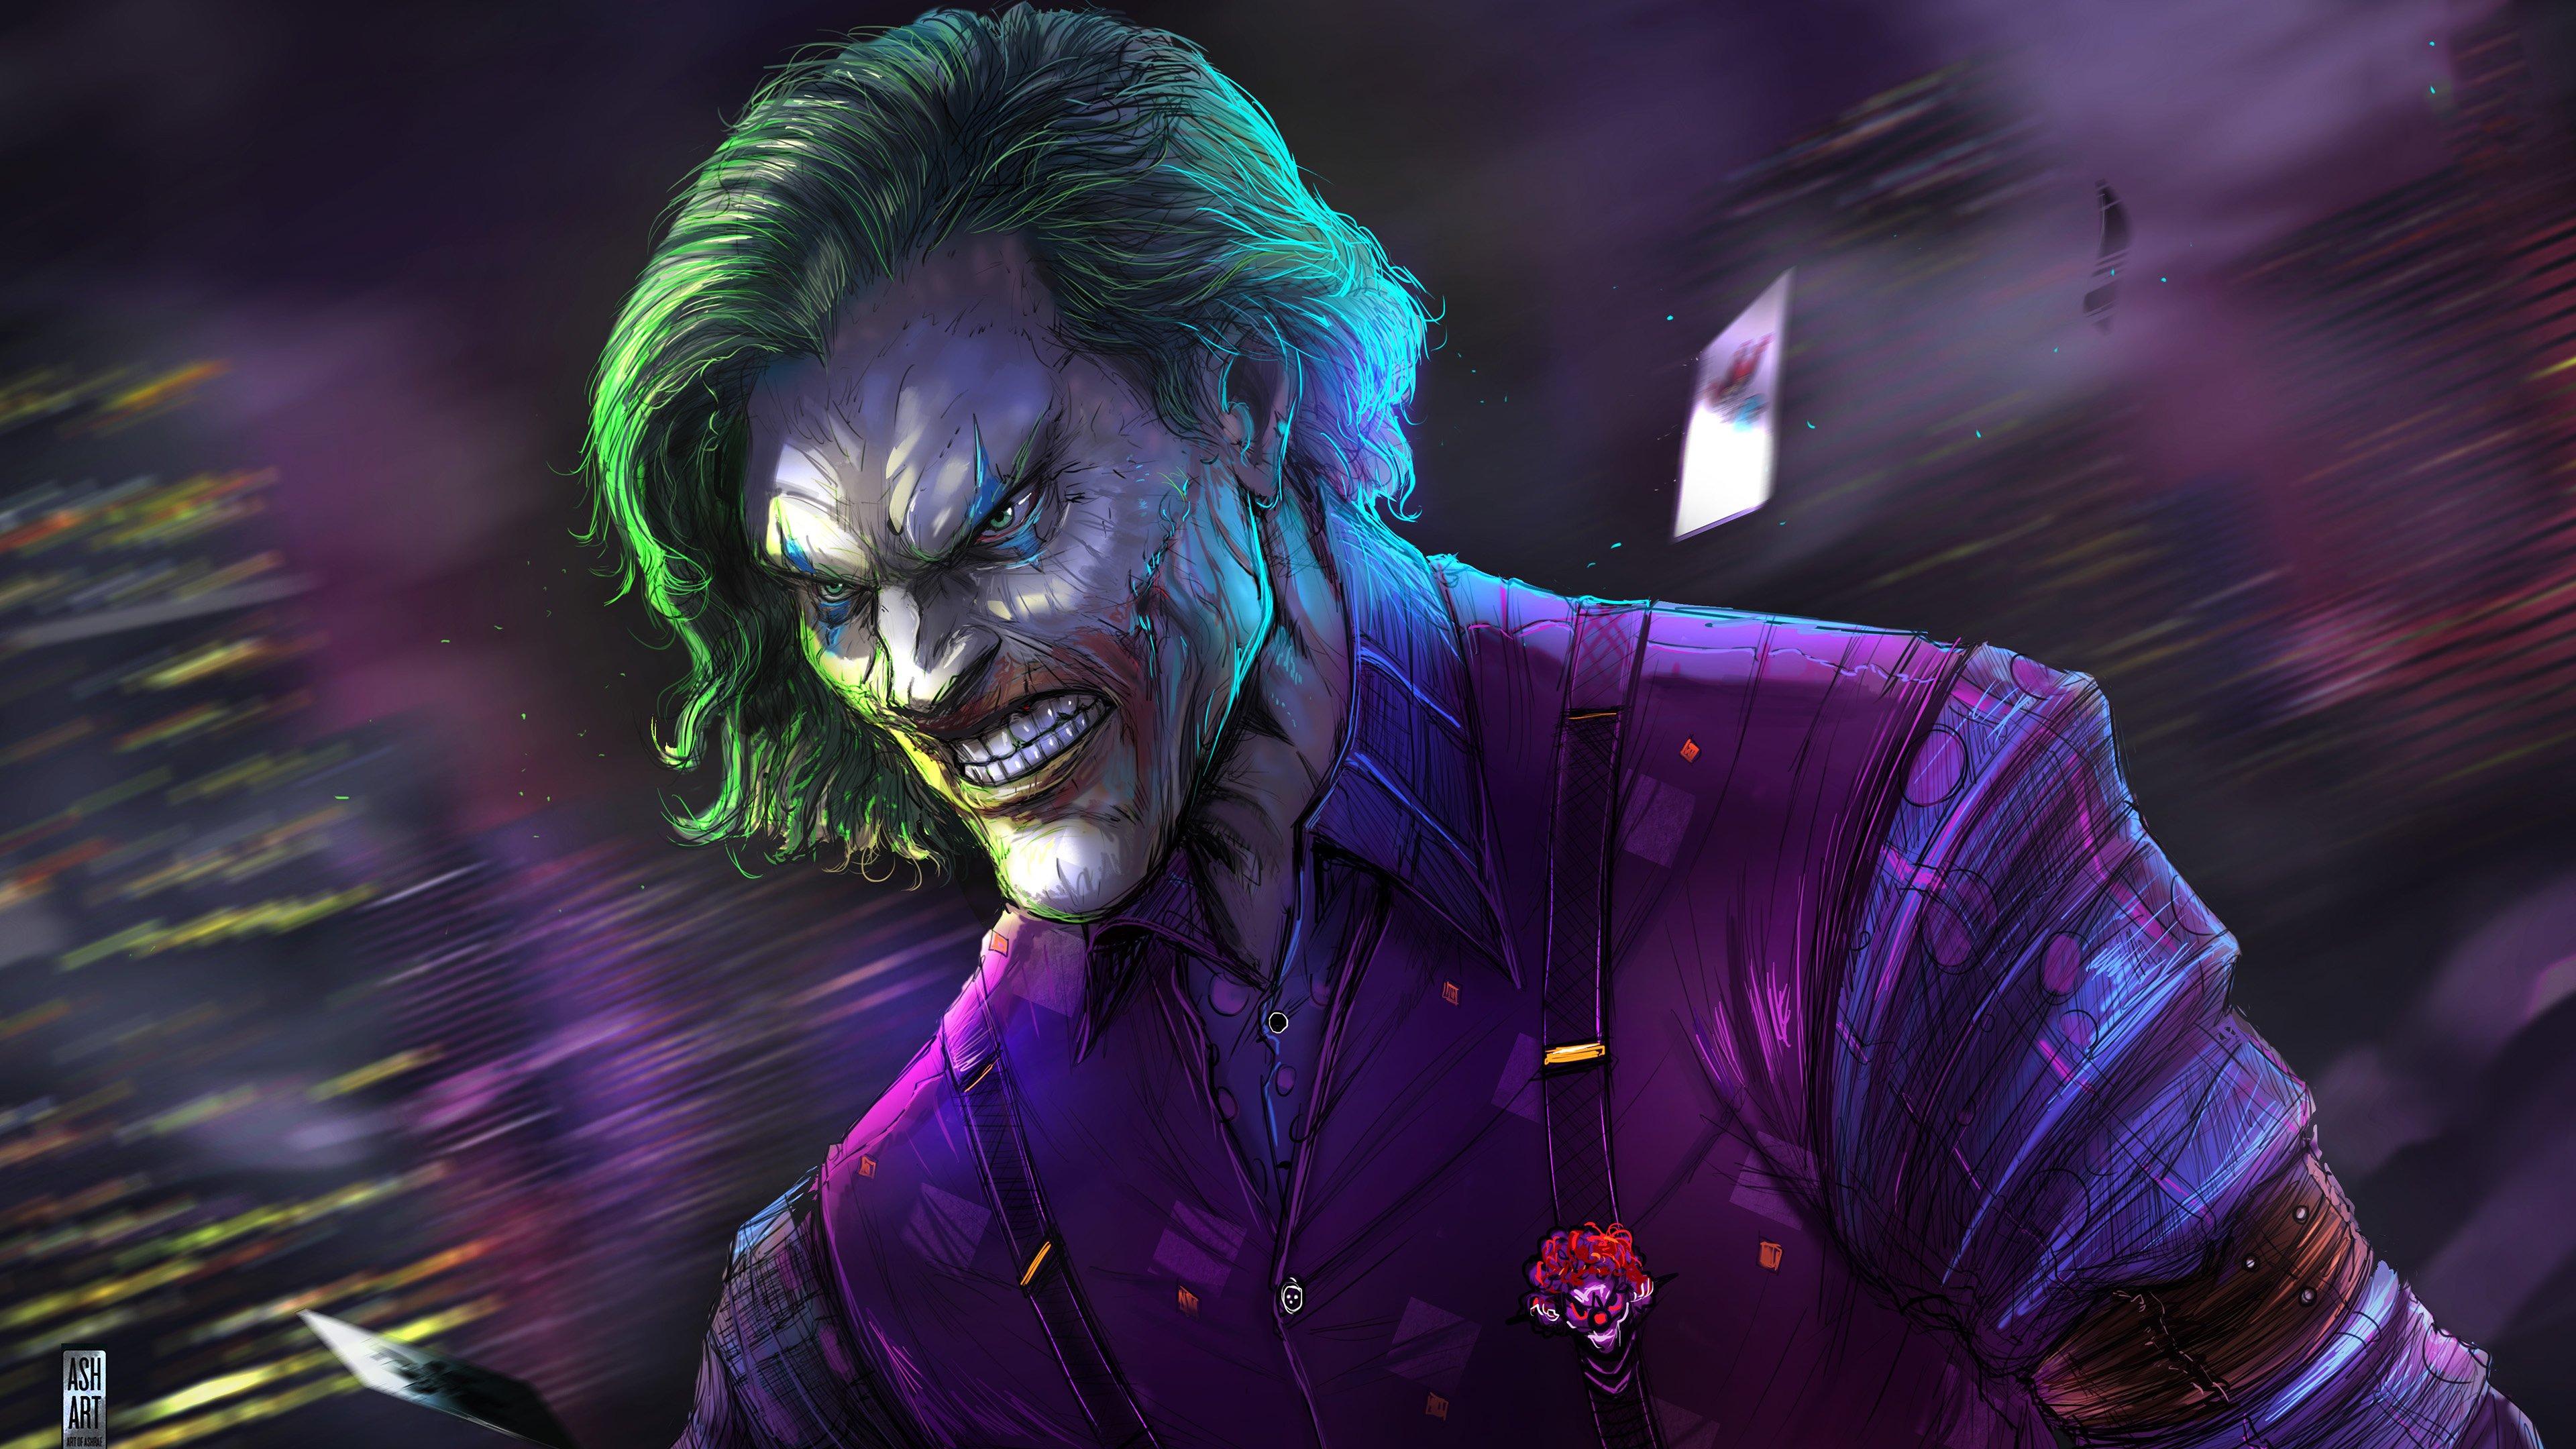 Joker Fanart Wallpaper 4k Ultra HD ID:4461